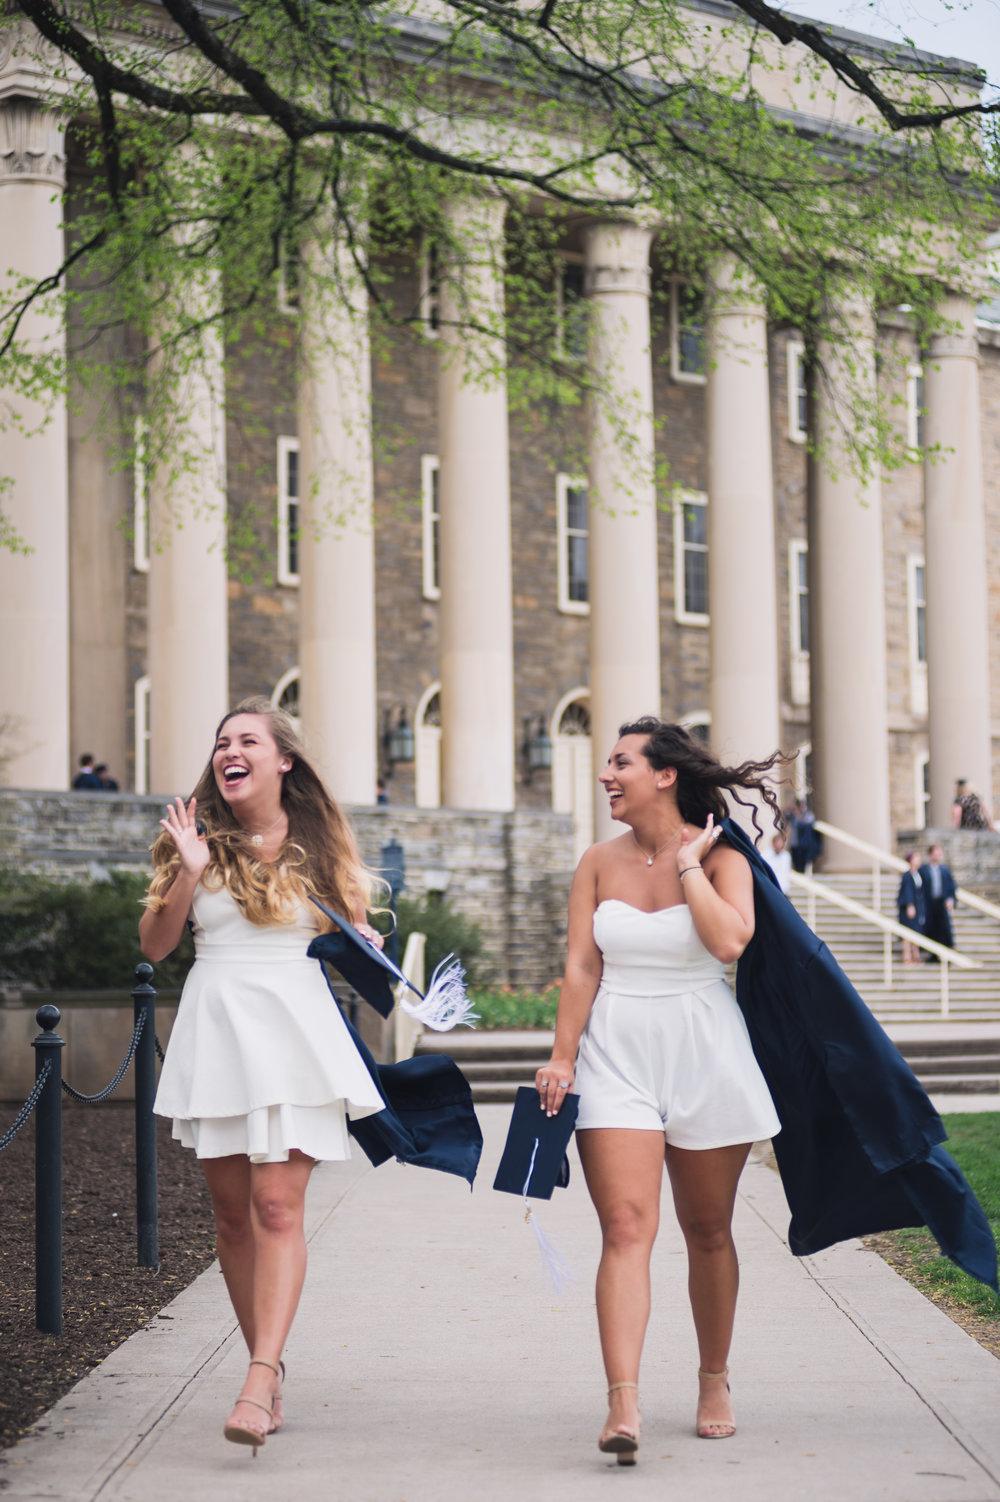 Graduation_Amanda_Linn-3.JPG